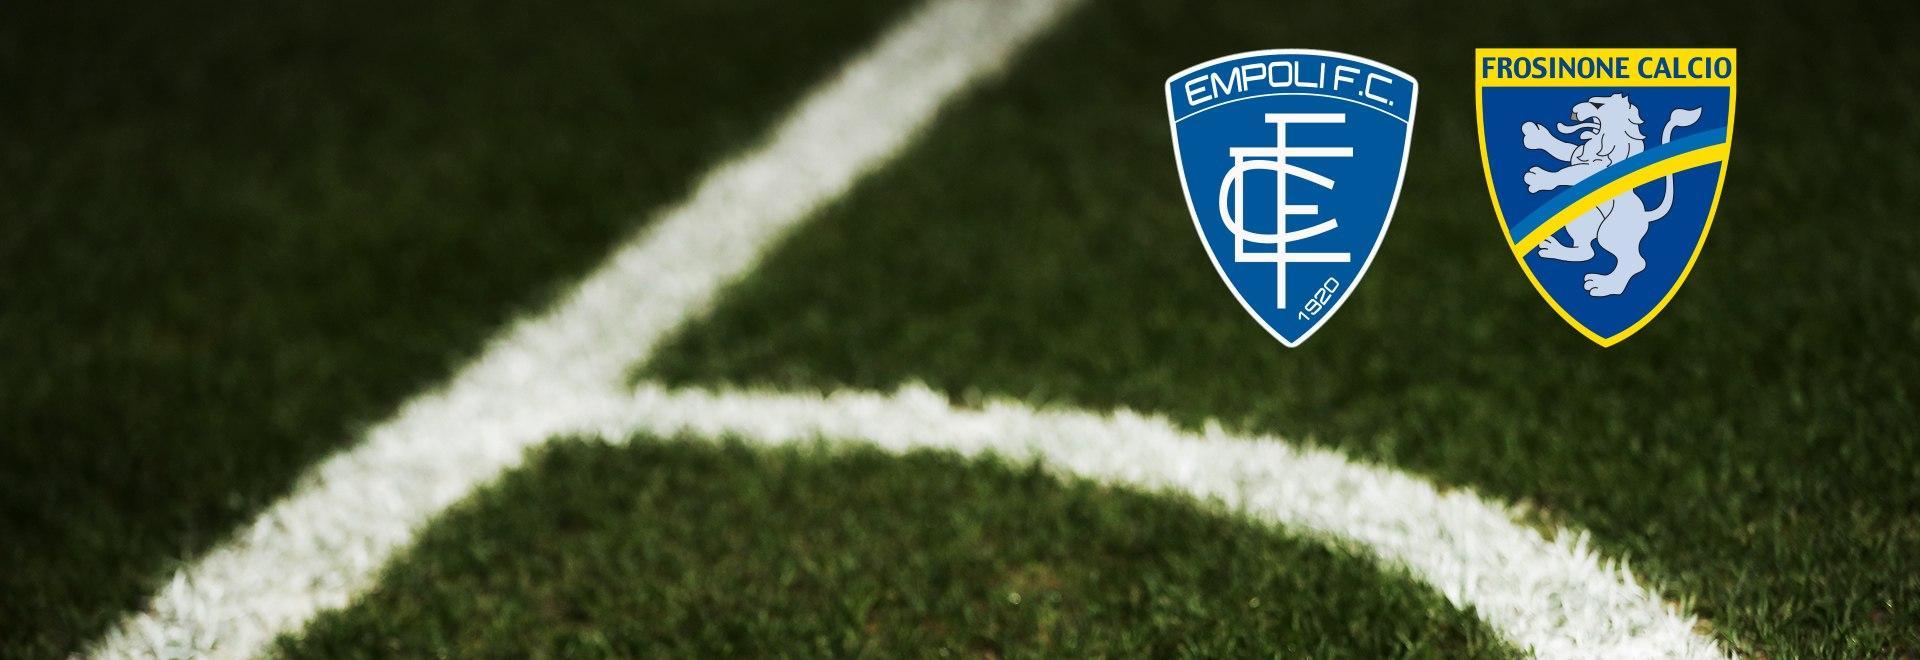 Empoli - Frosinone. 33a g.